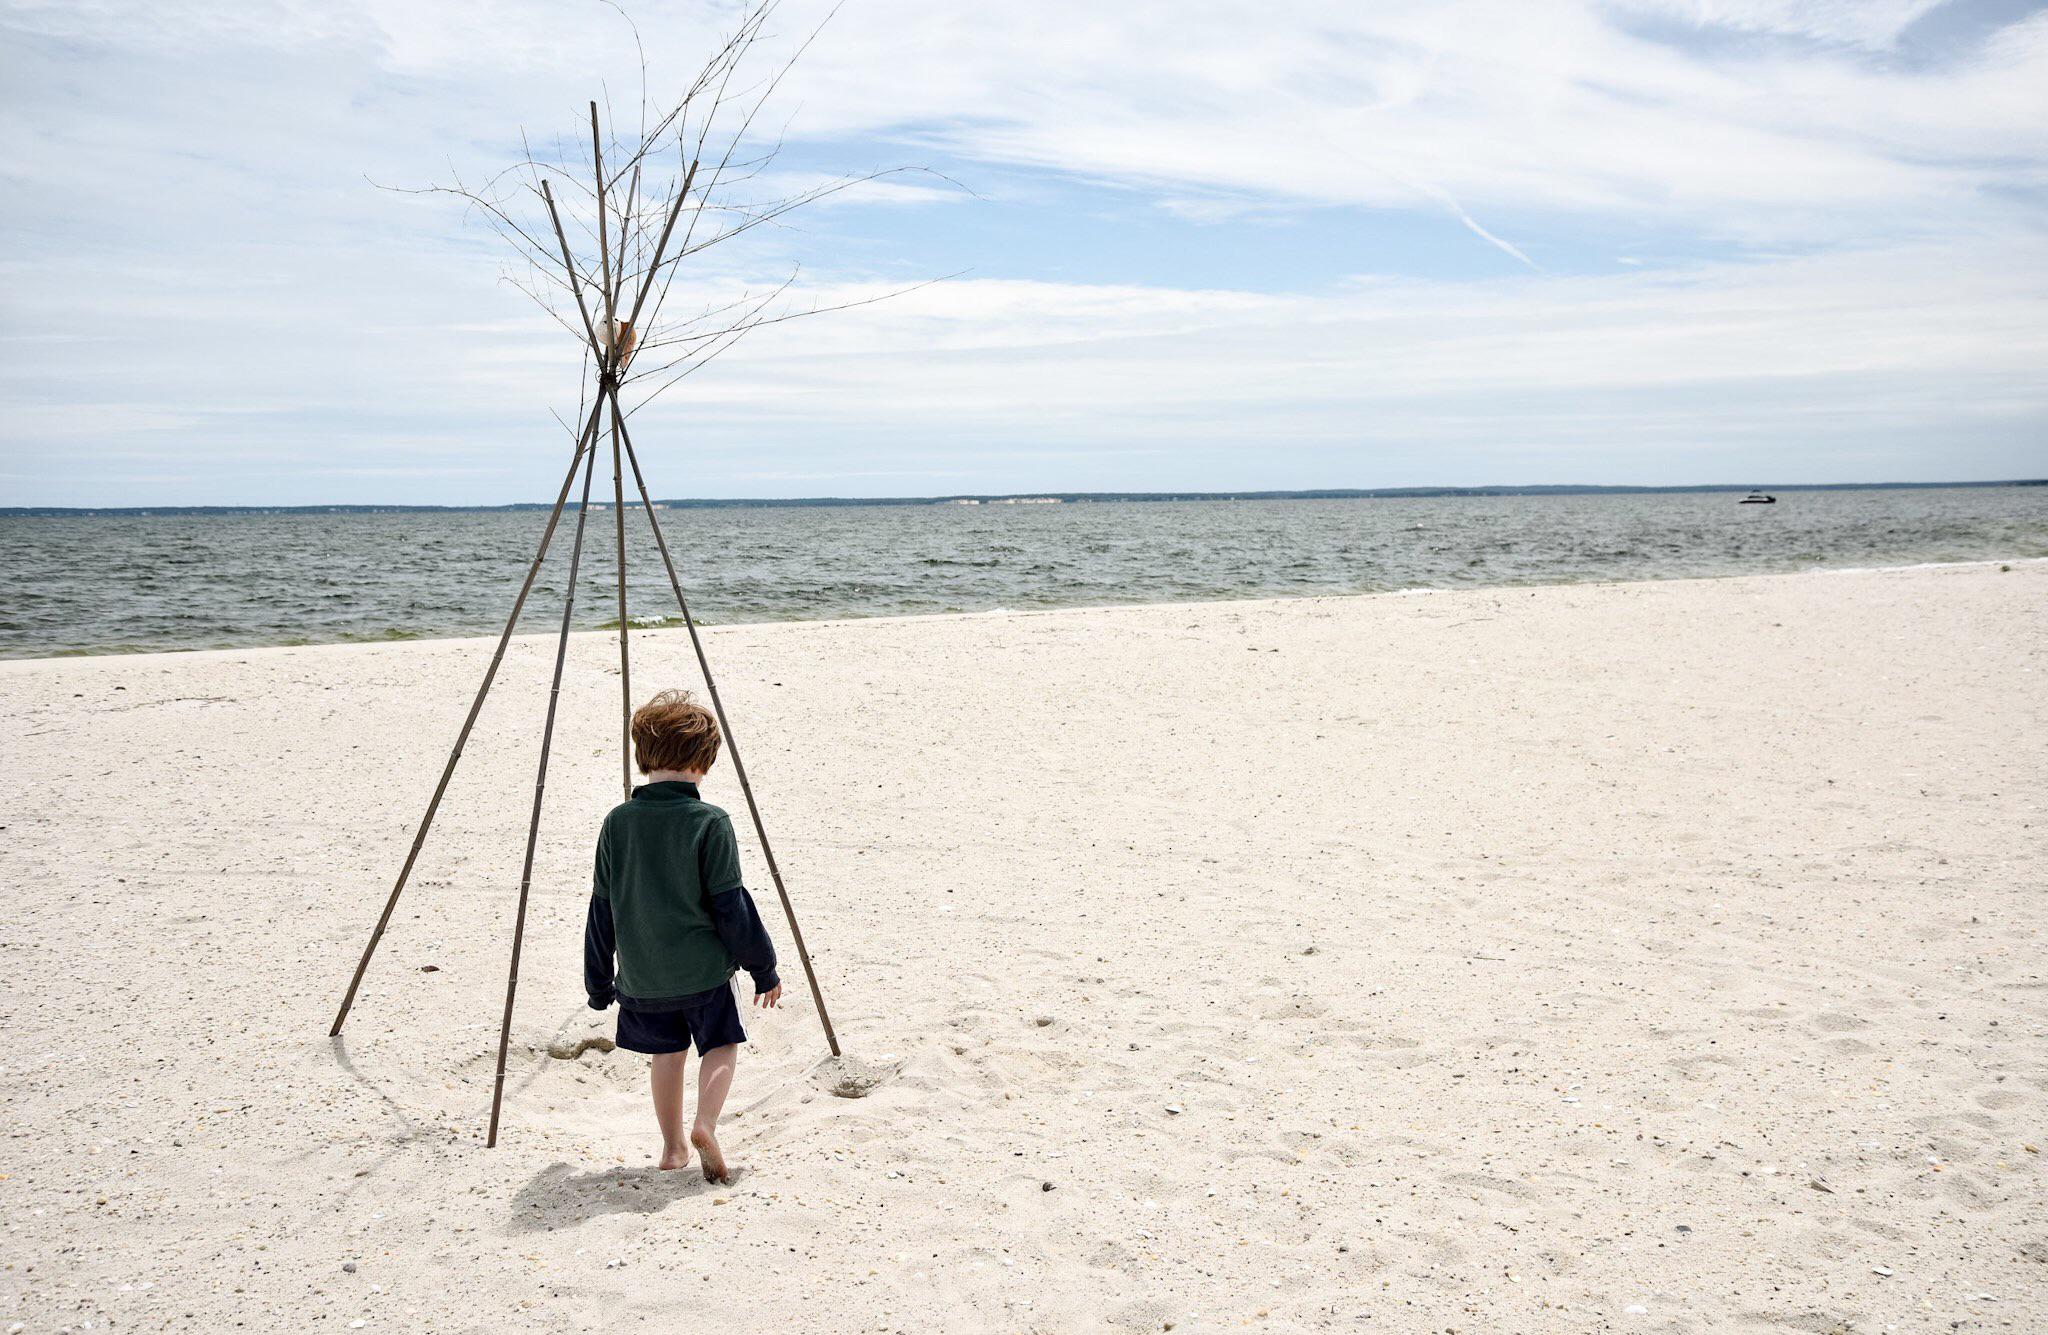 Kid on beach.jpg